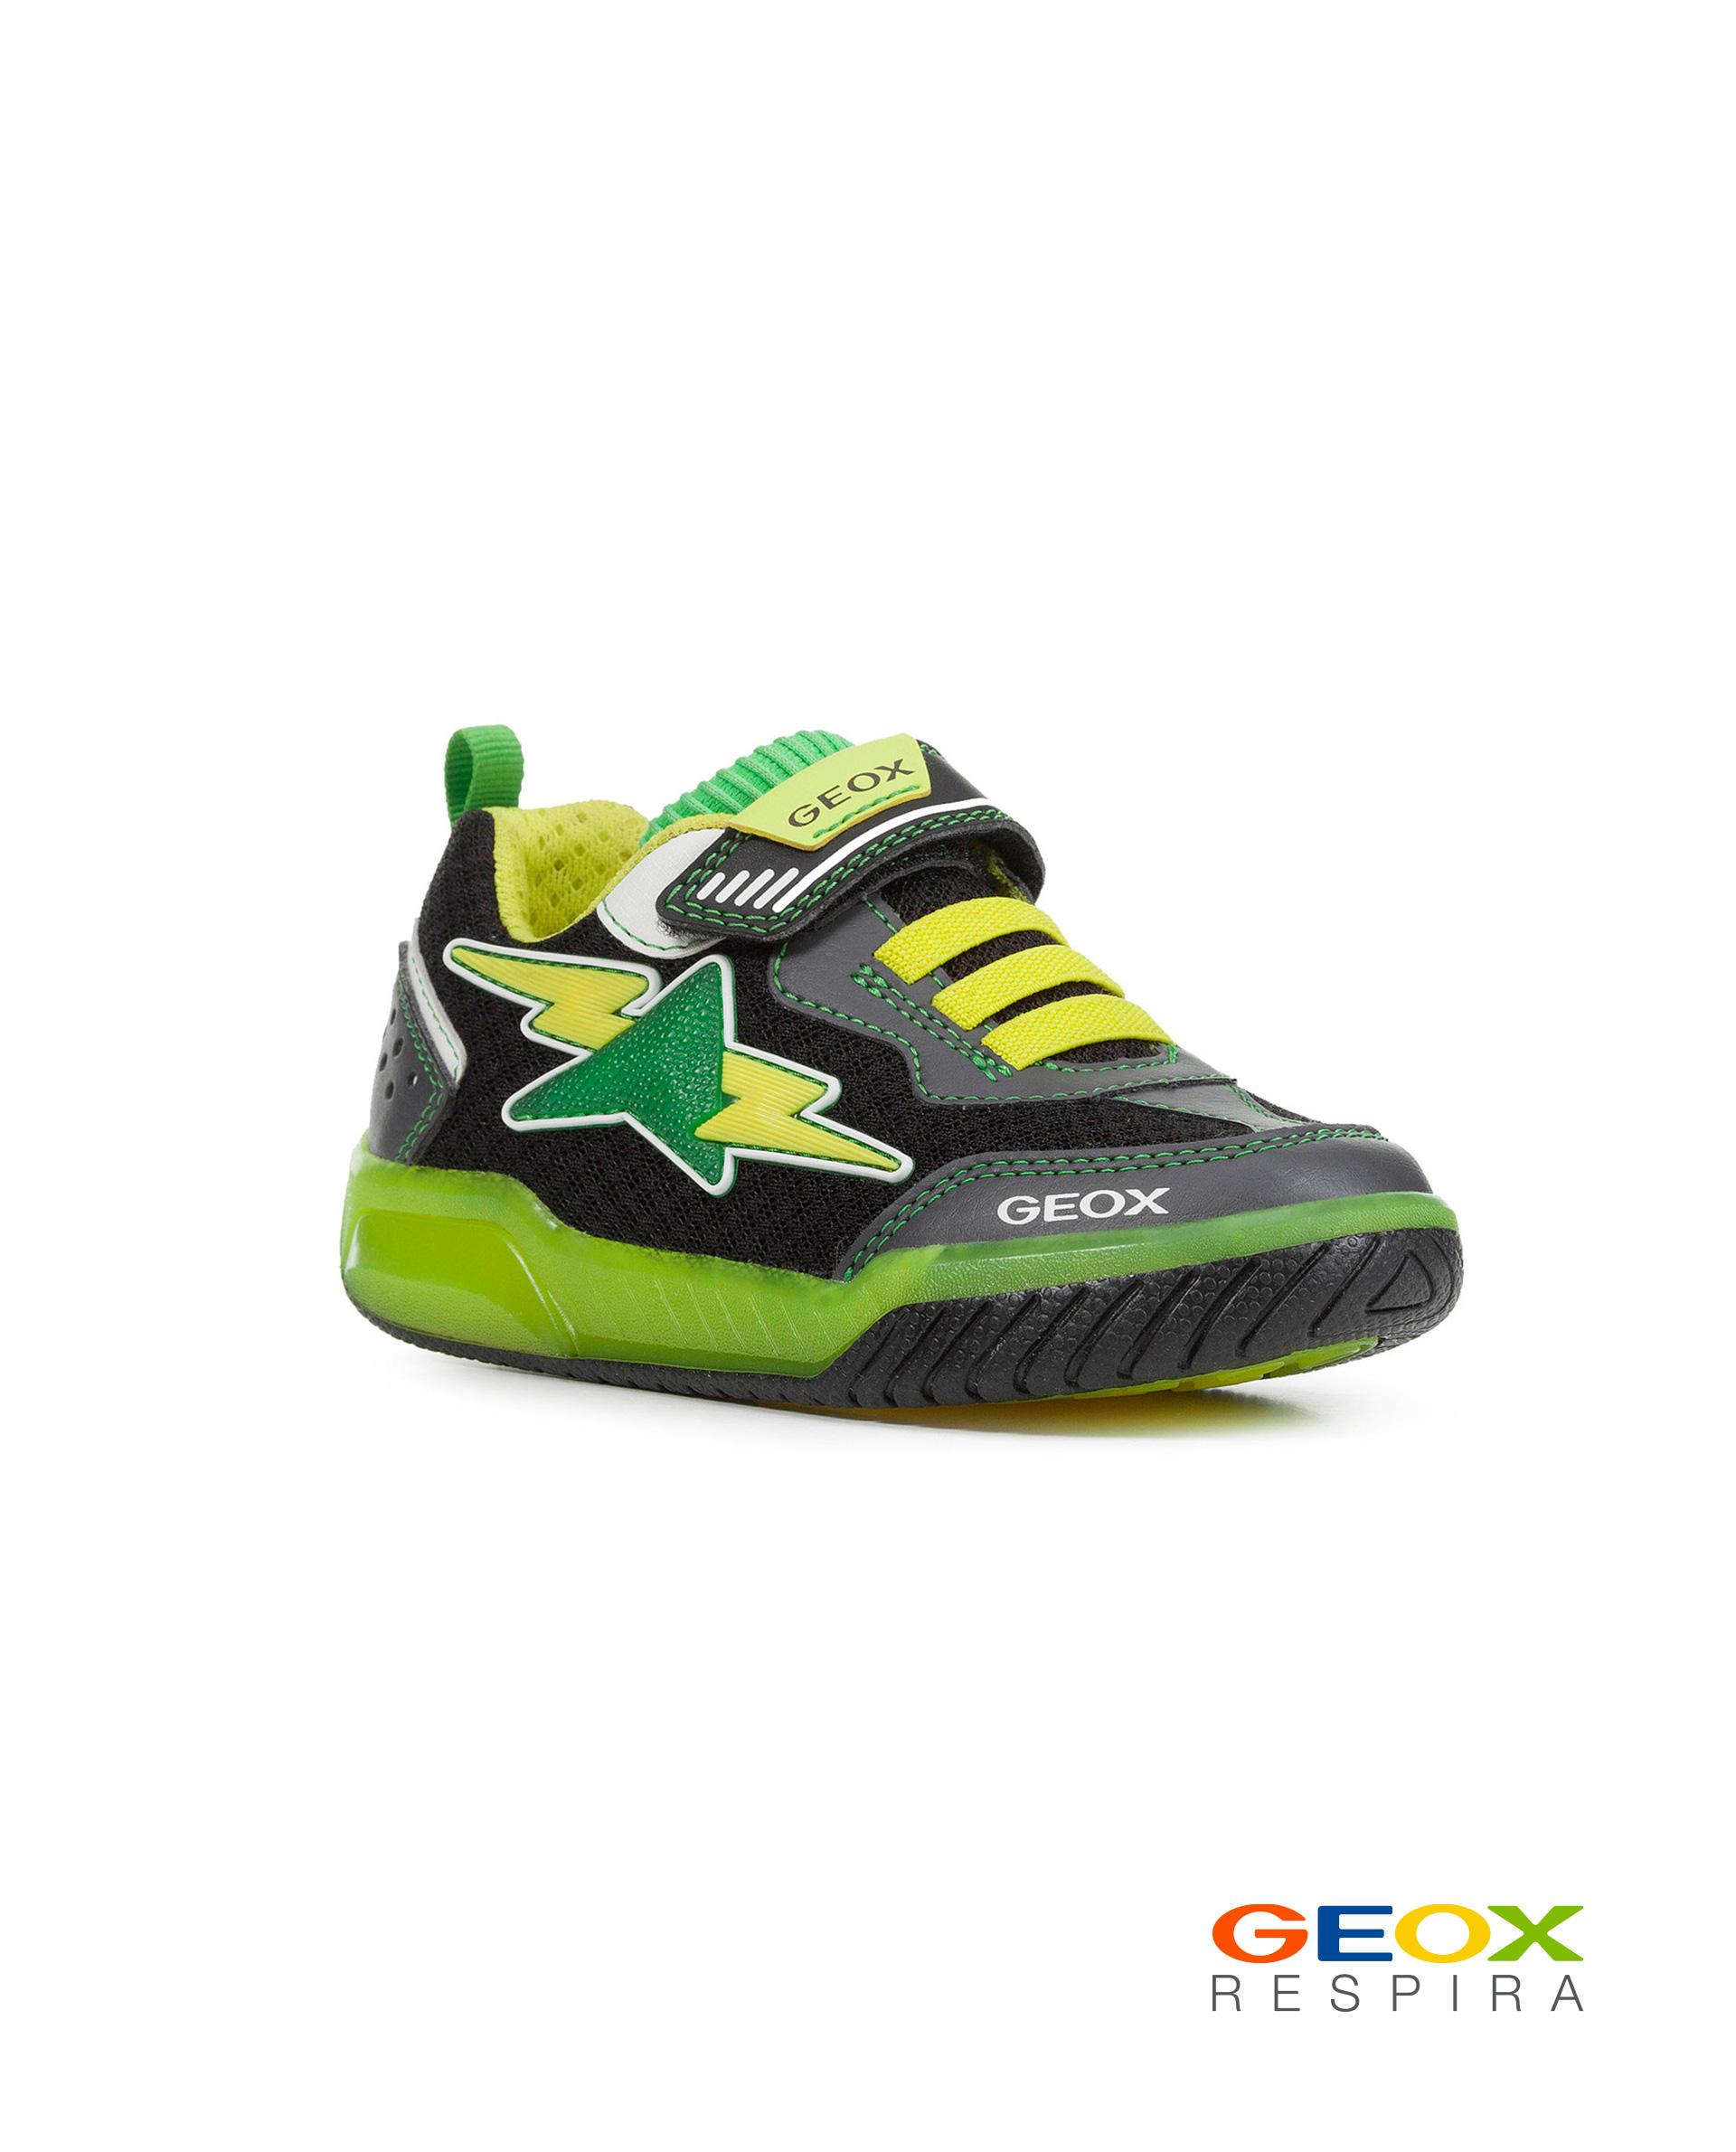 Черные кроссовки Geox с салатовыми вставками J029CB014BUC0802 черного цвета